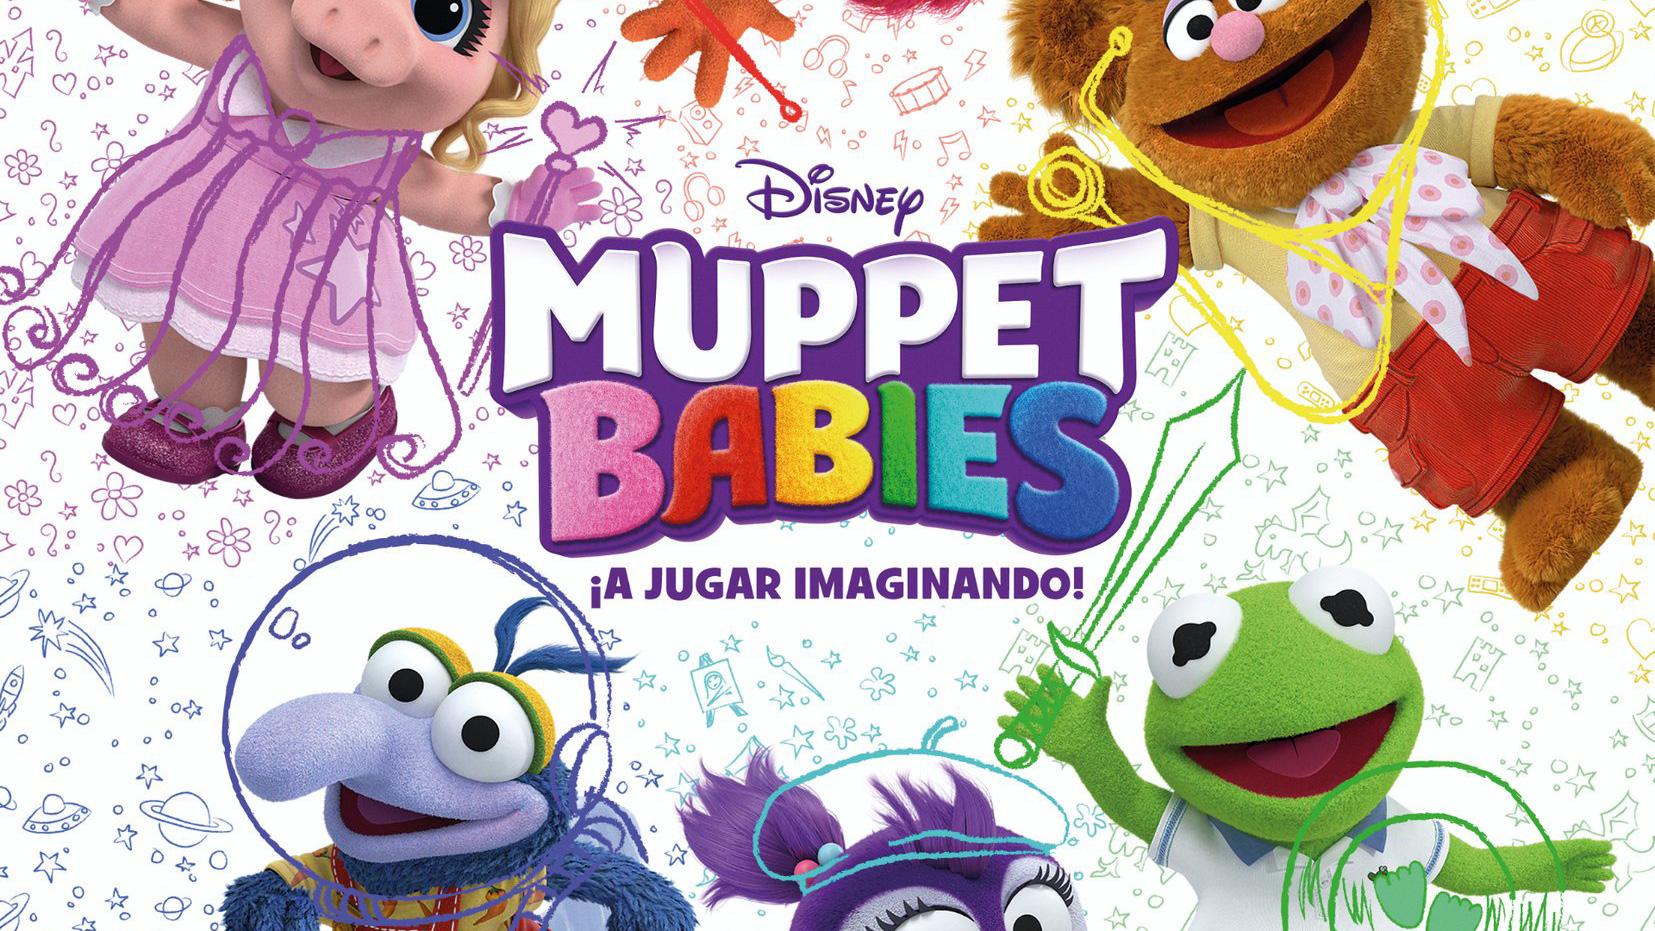 Canción de la serie Muppet Babies